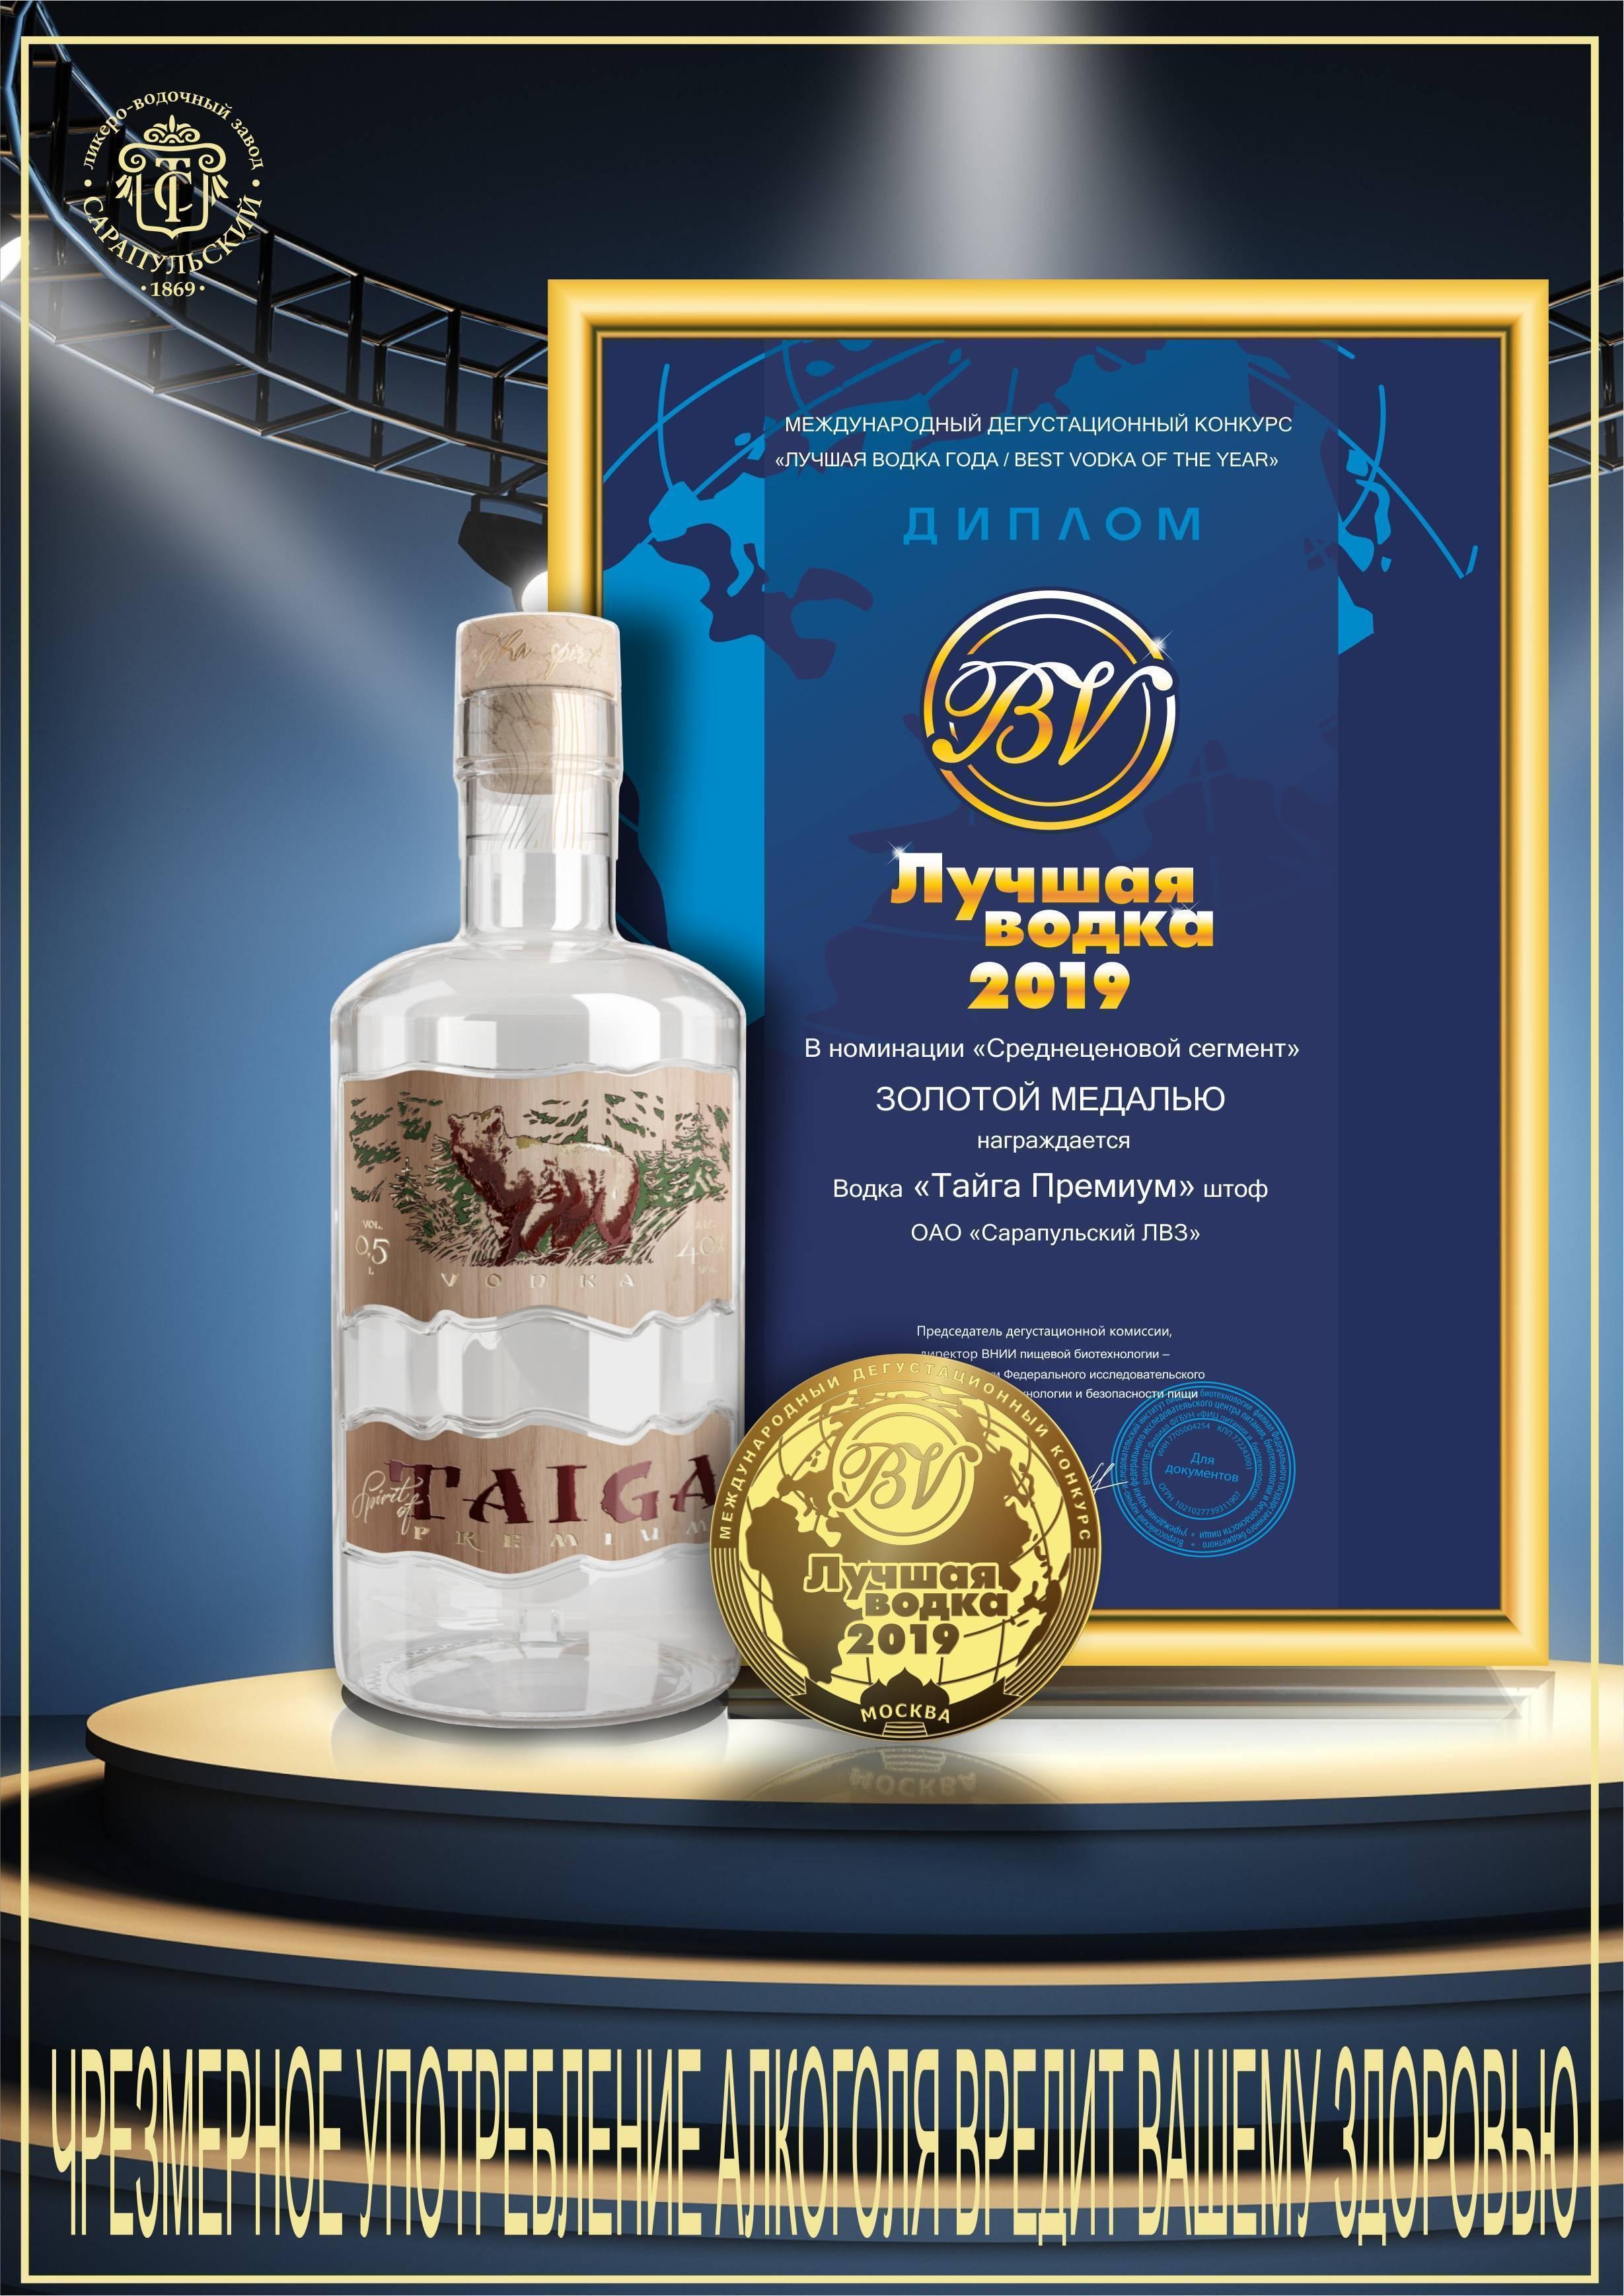 Рейтинг лучшей водки по цене и качеству. какая самая хорошая и популярная в россии и мире? | про самогон и другие напитки ? | яндекс дзен